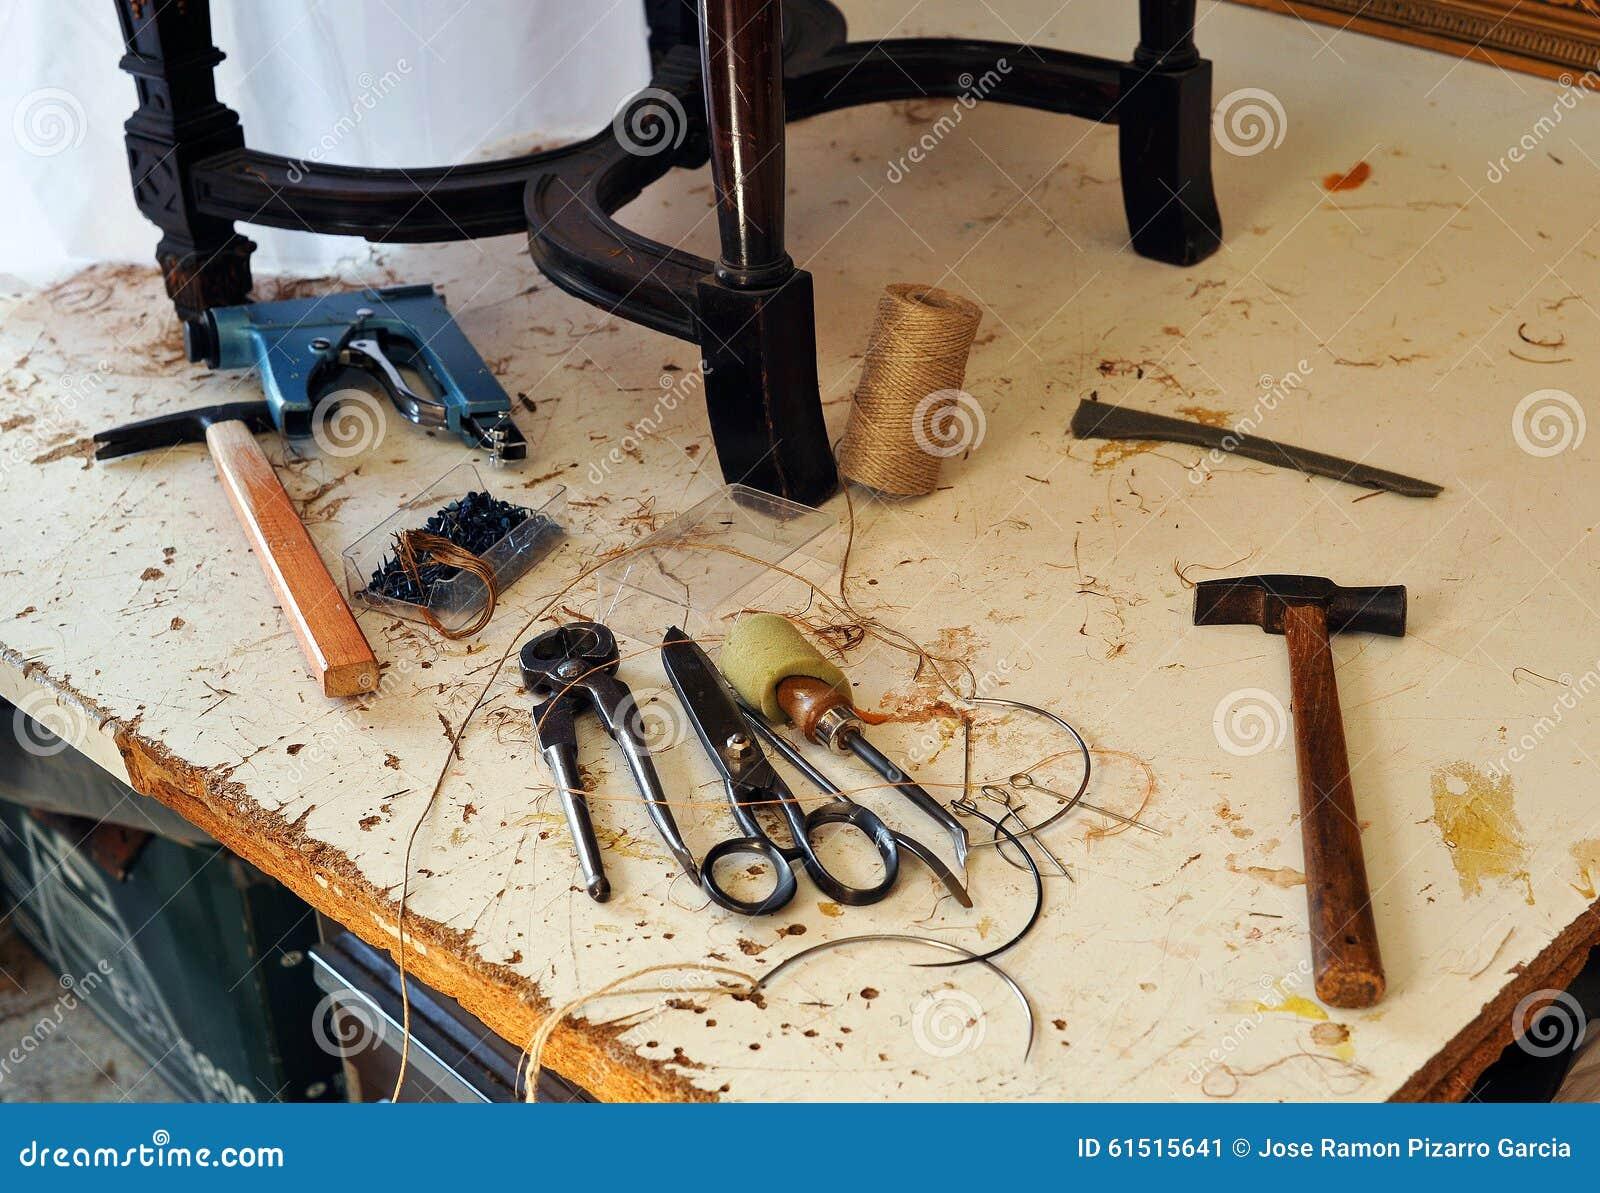 Oficina do estofador bancada com ferramentas imagem de - Talleres de tapiceria ...